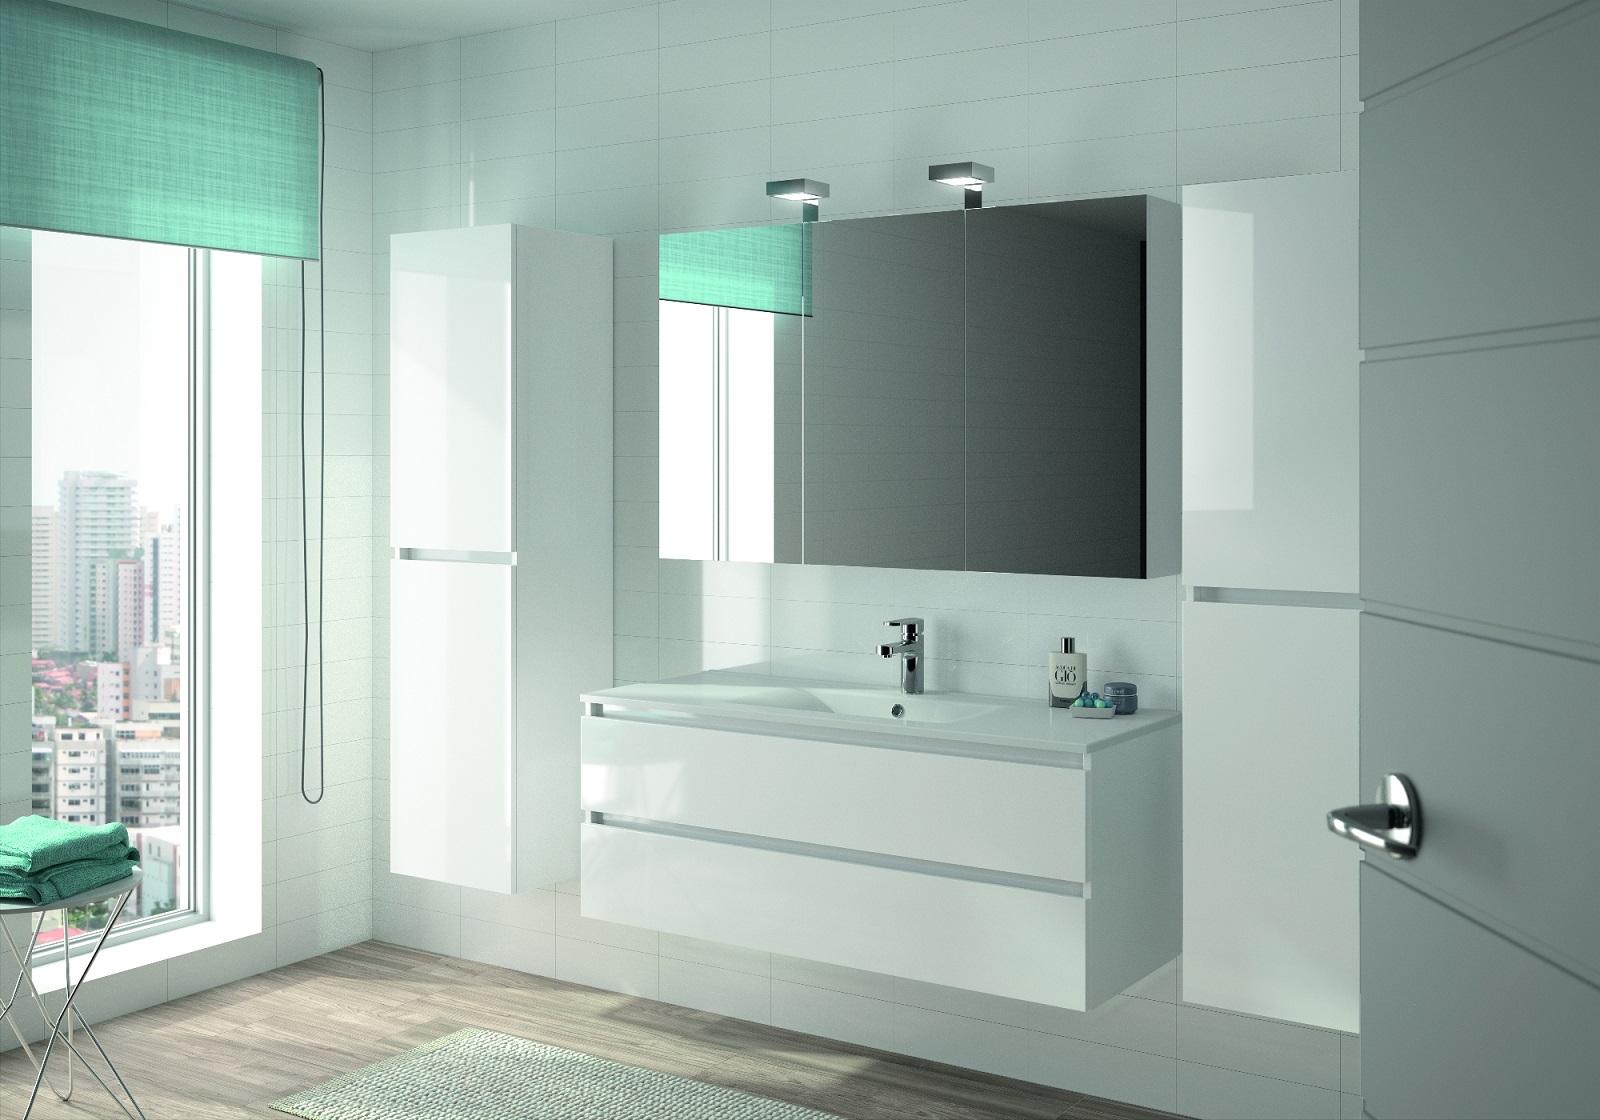 ALLIBERT Badmöbel-Set Badmöbel vormontiert weiß Glanz Spiegel Waschtisch 120 cm